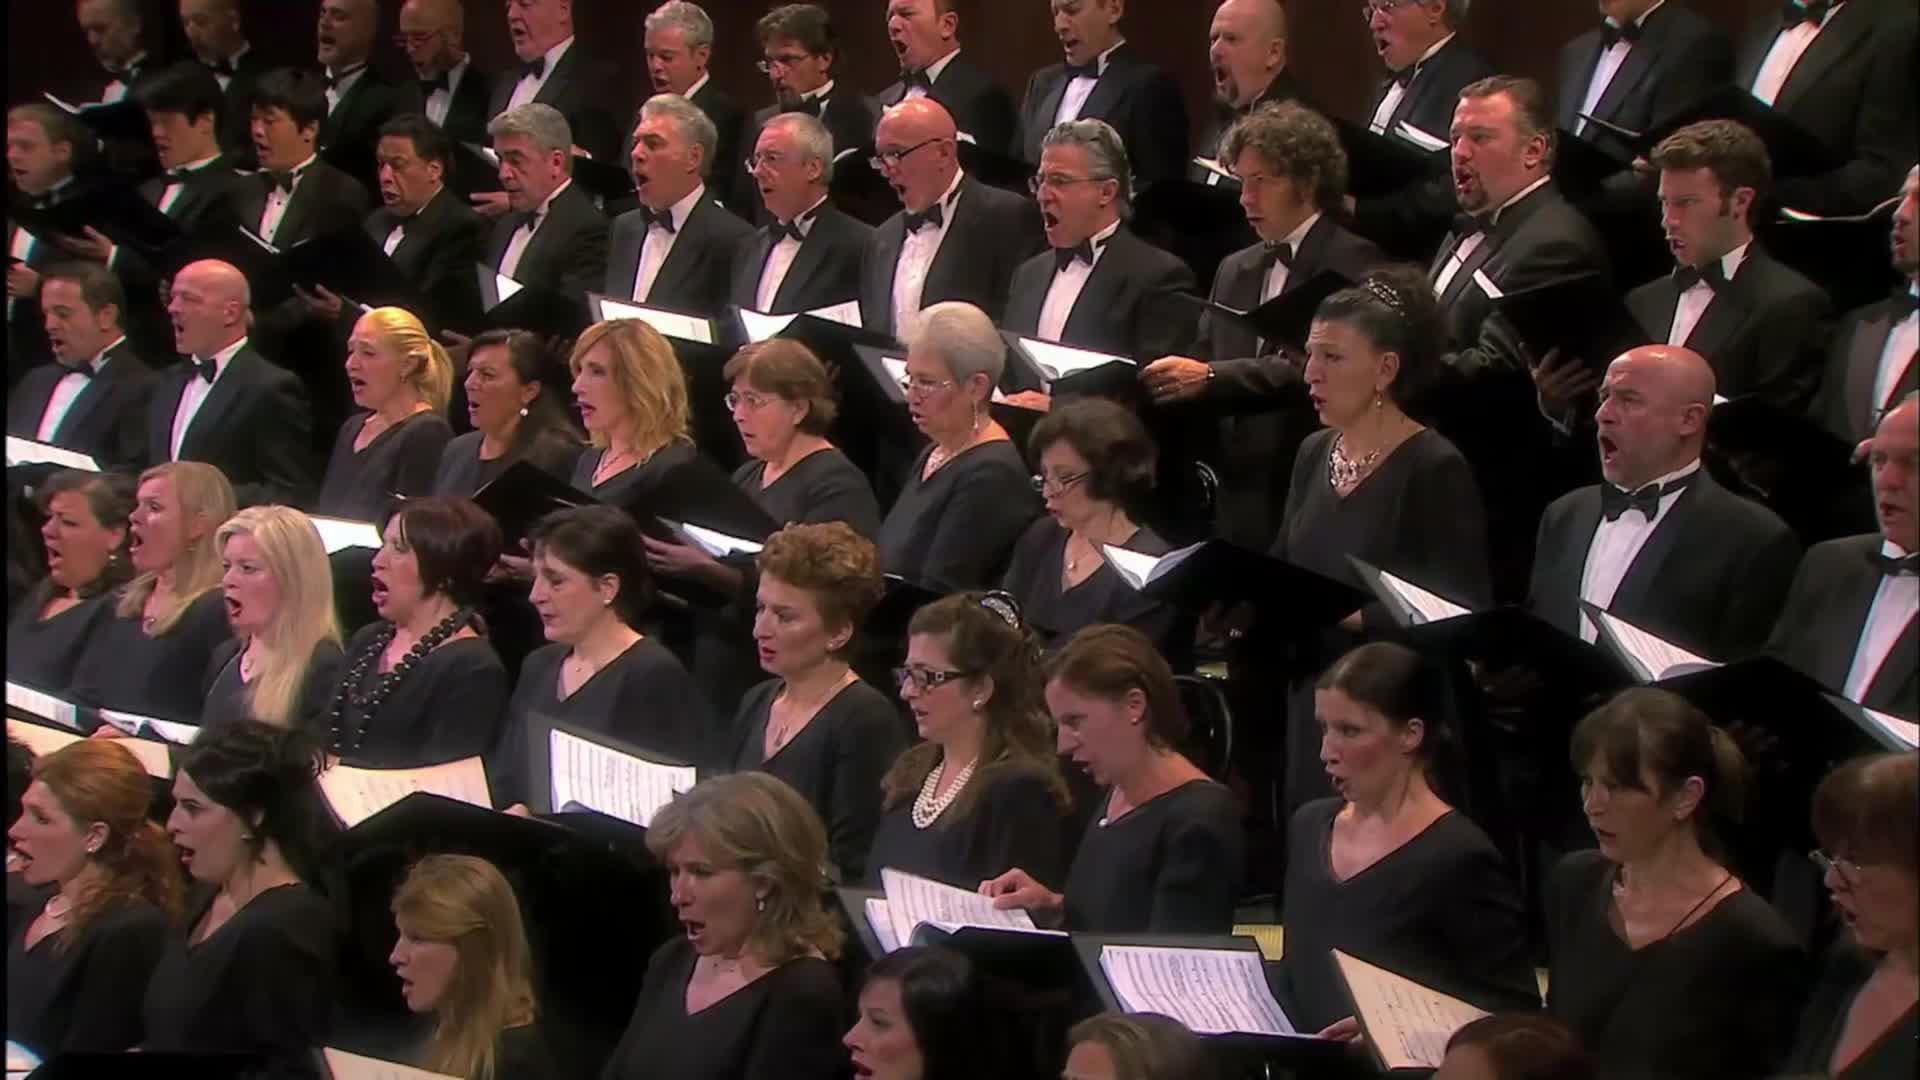 Jonas Kaufmann, Verdi: Requiem, Dies irae